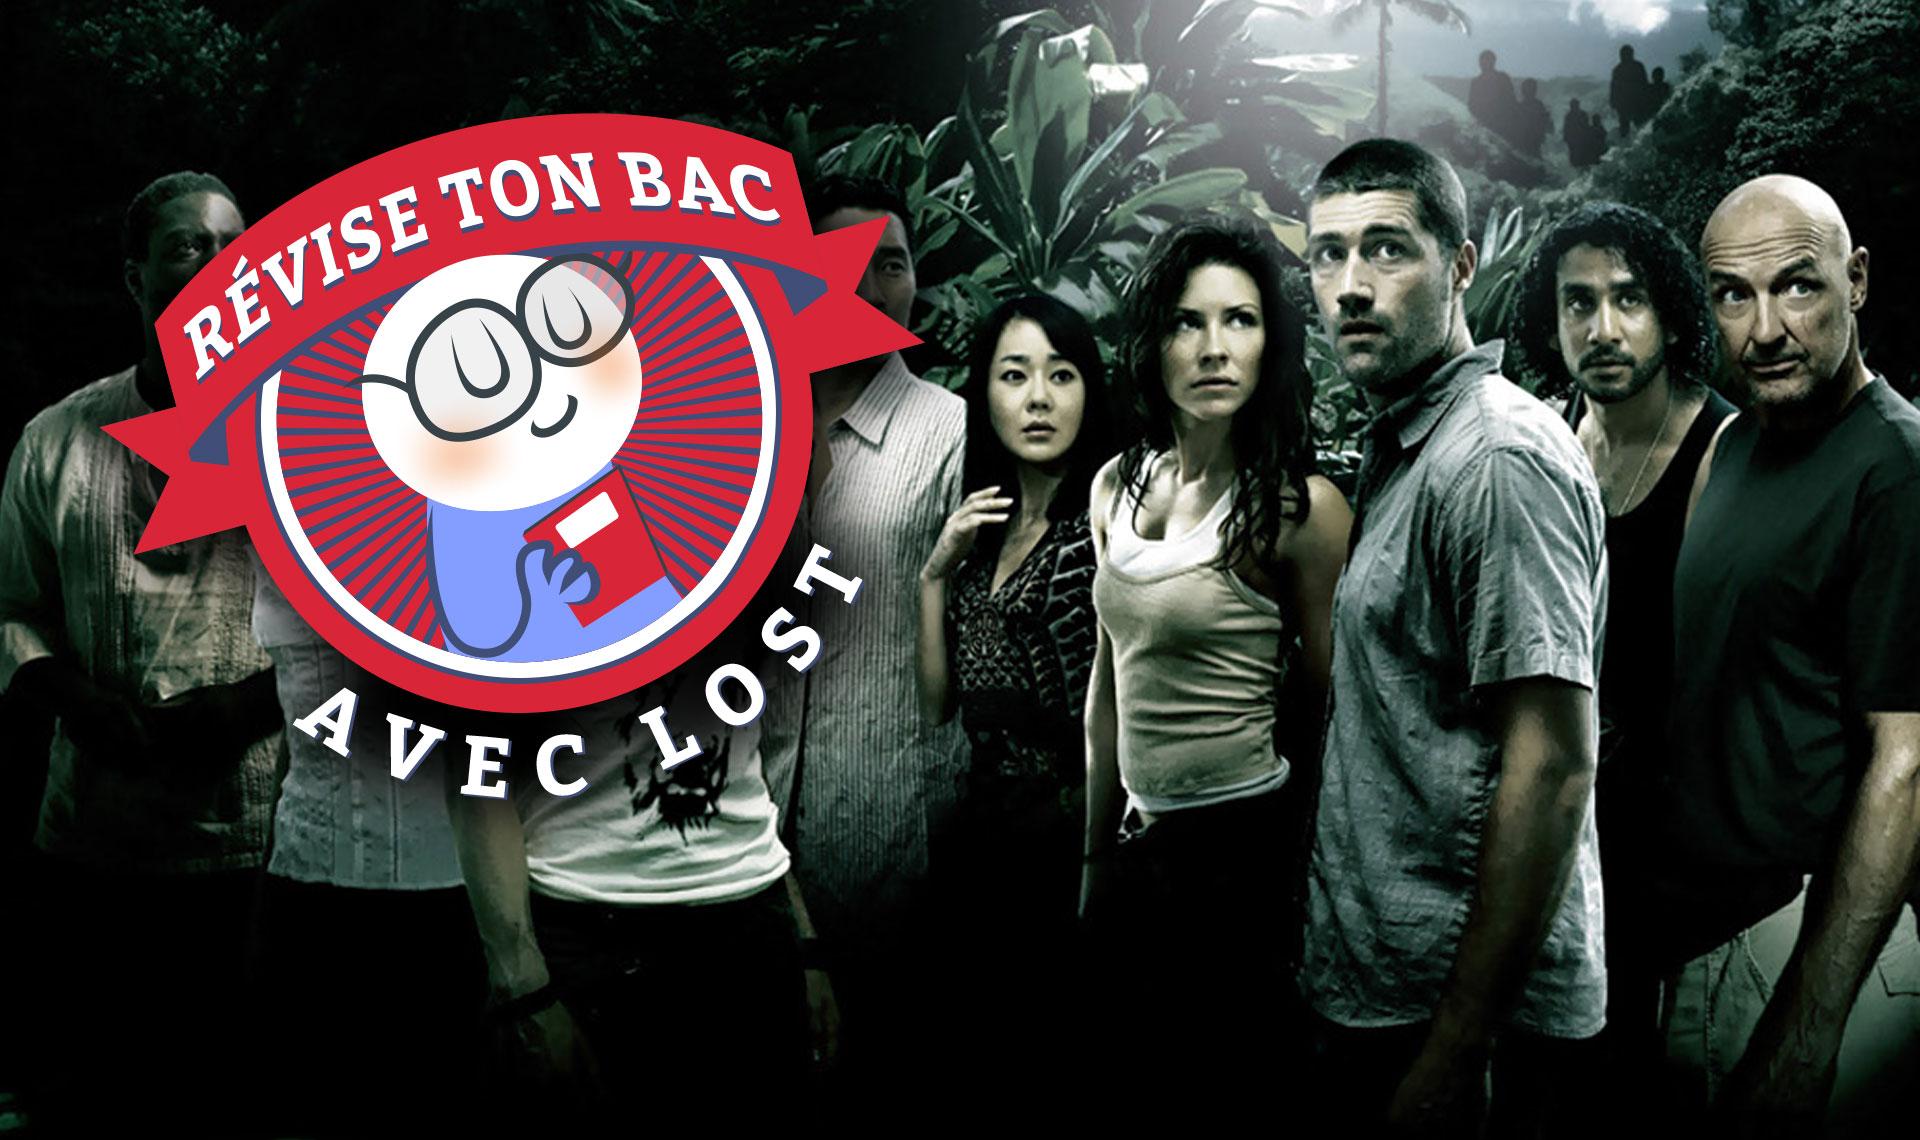 une_revise-ton-bac